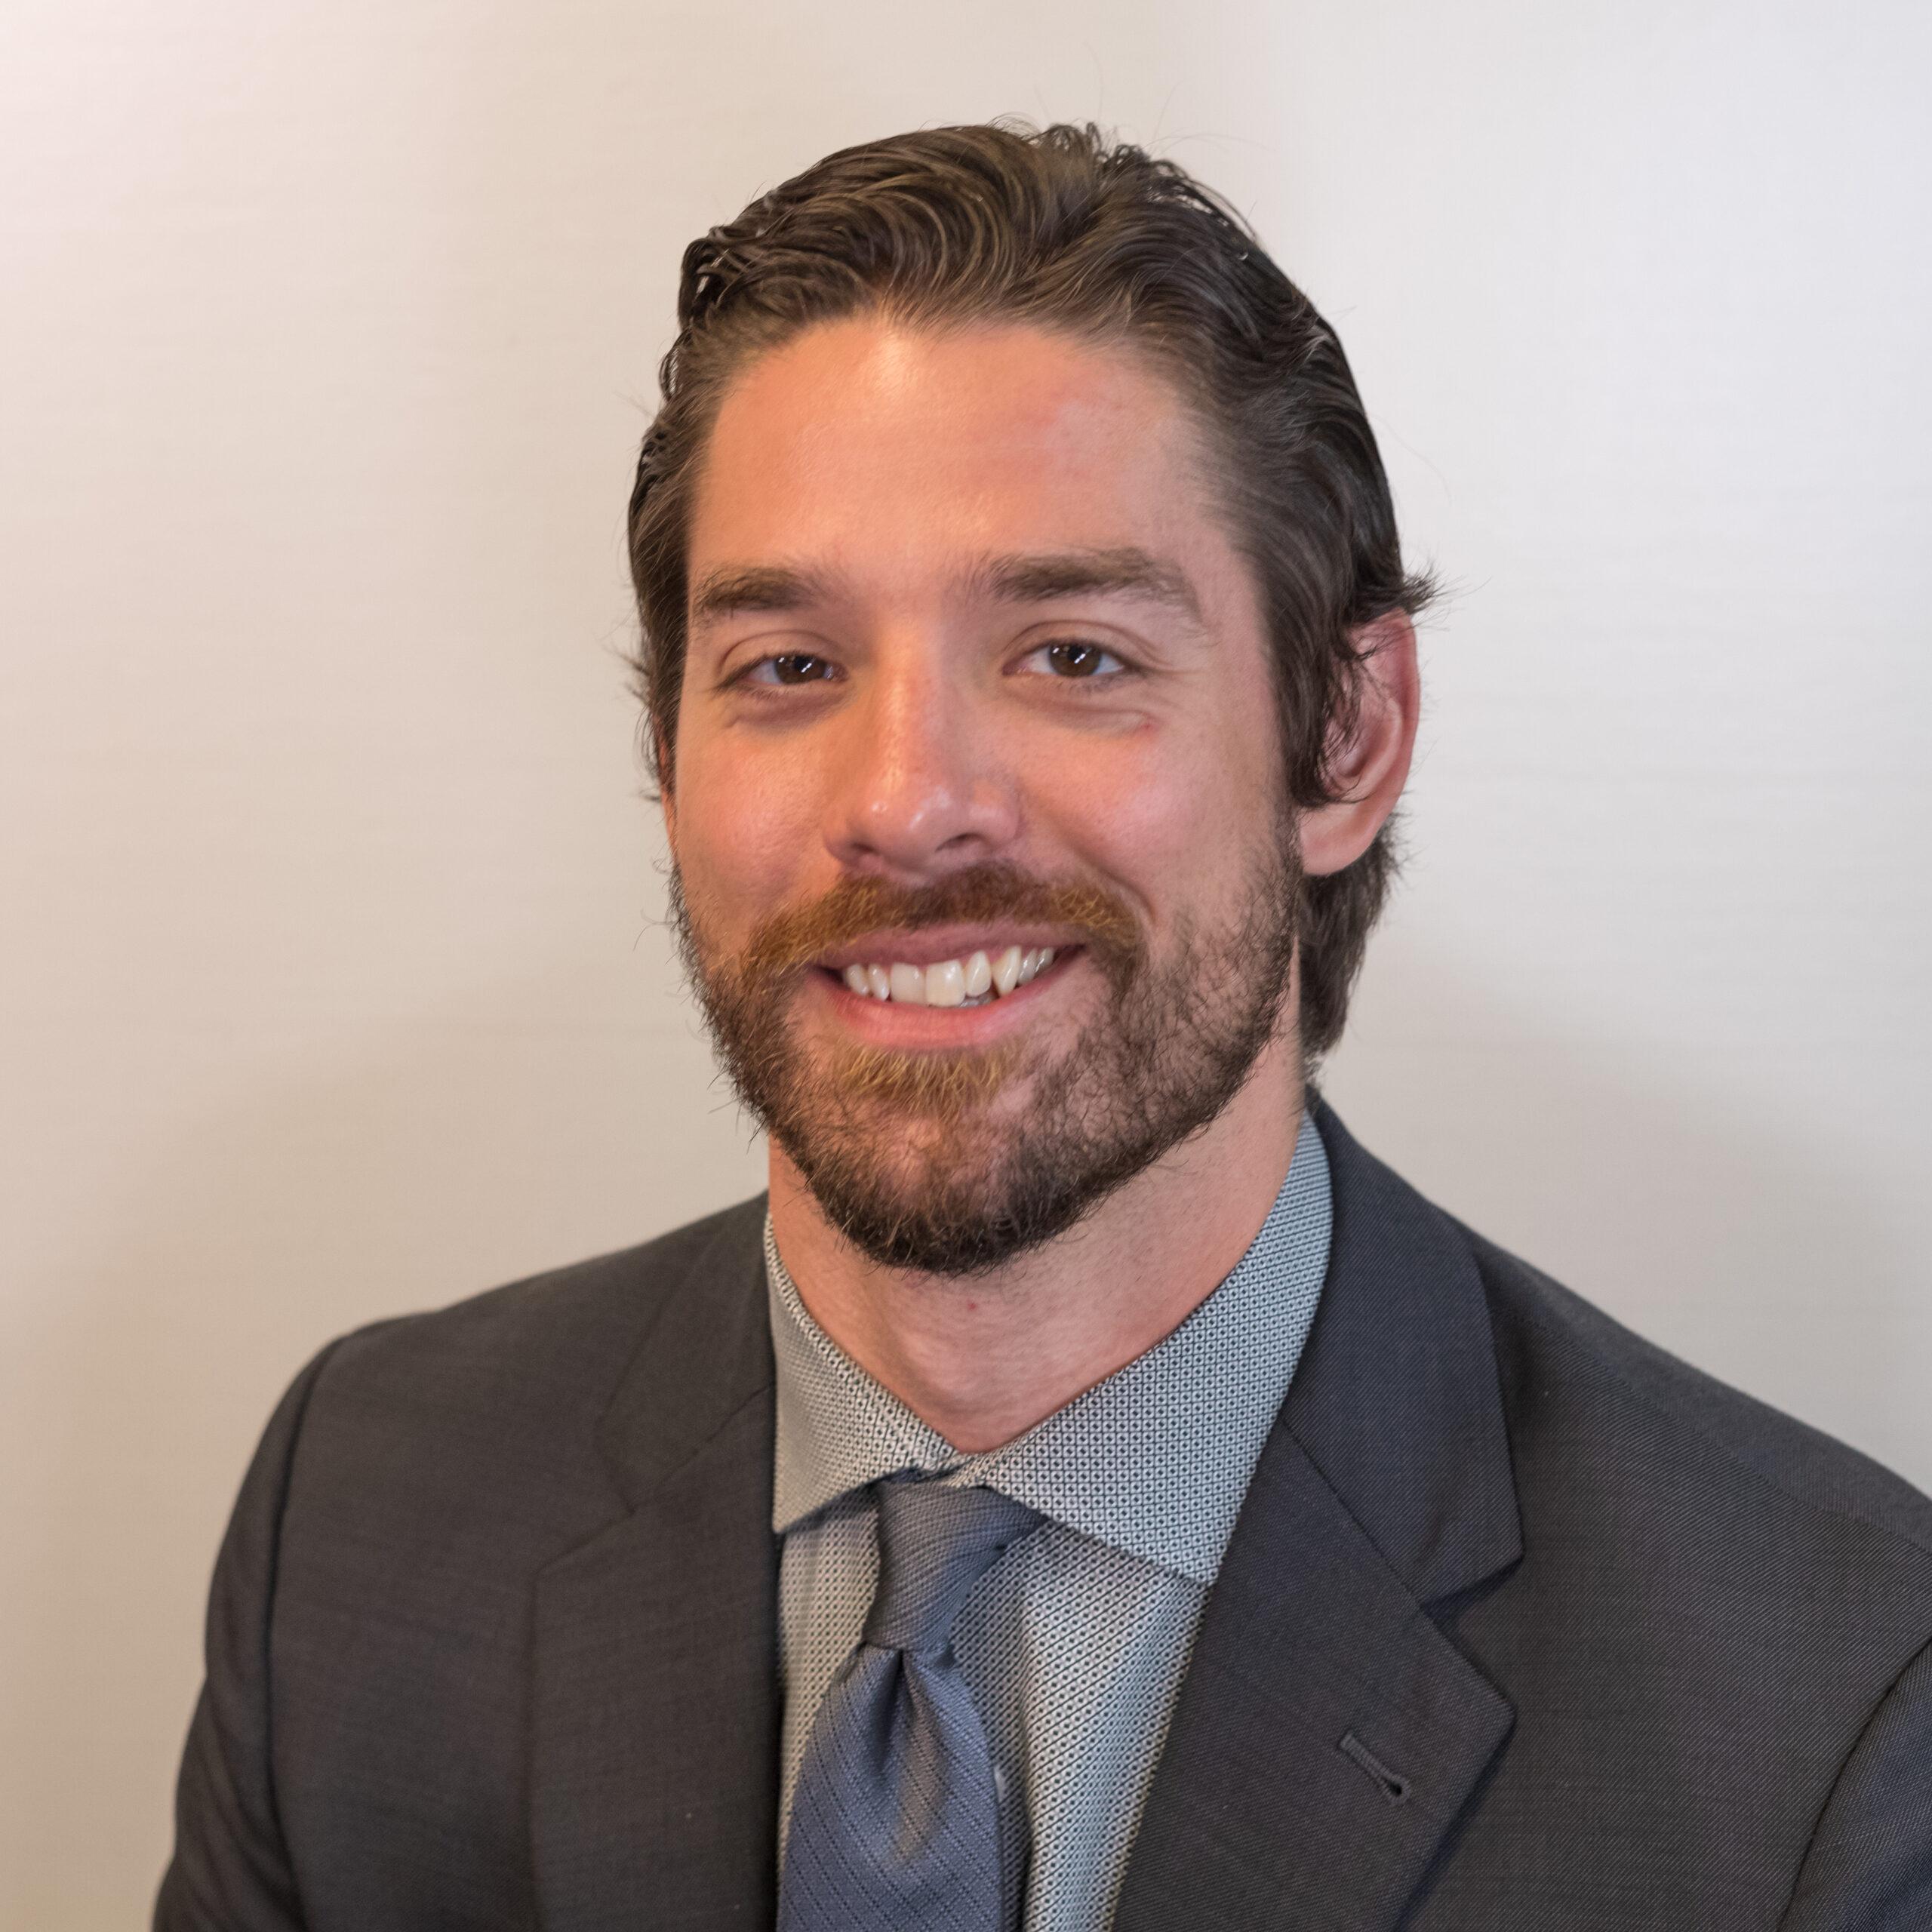 Jeremy J. McDonald